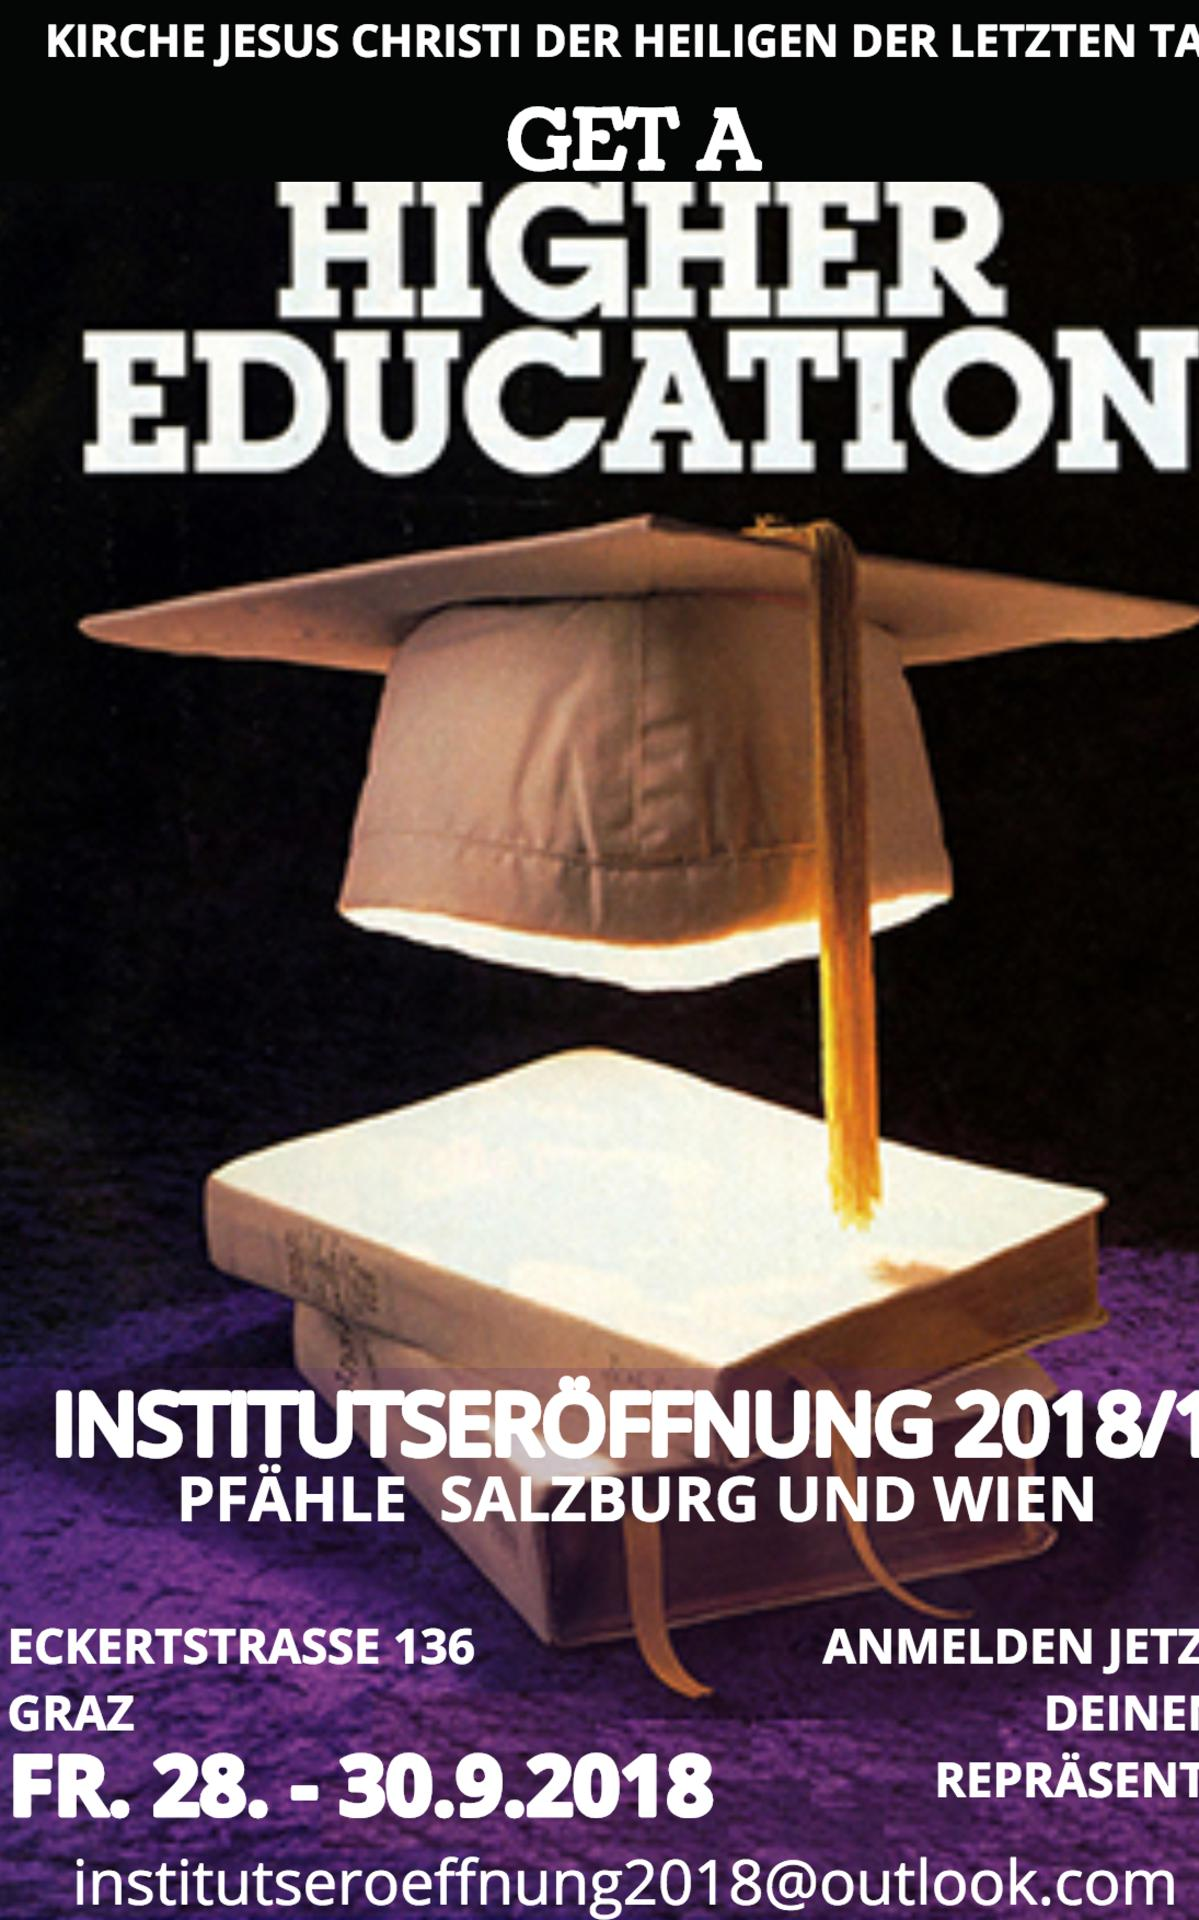 Einladung zur Institutseröffnung vorn